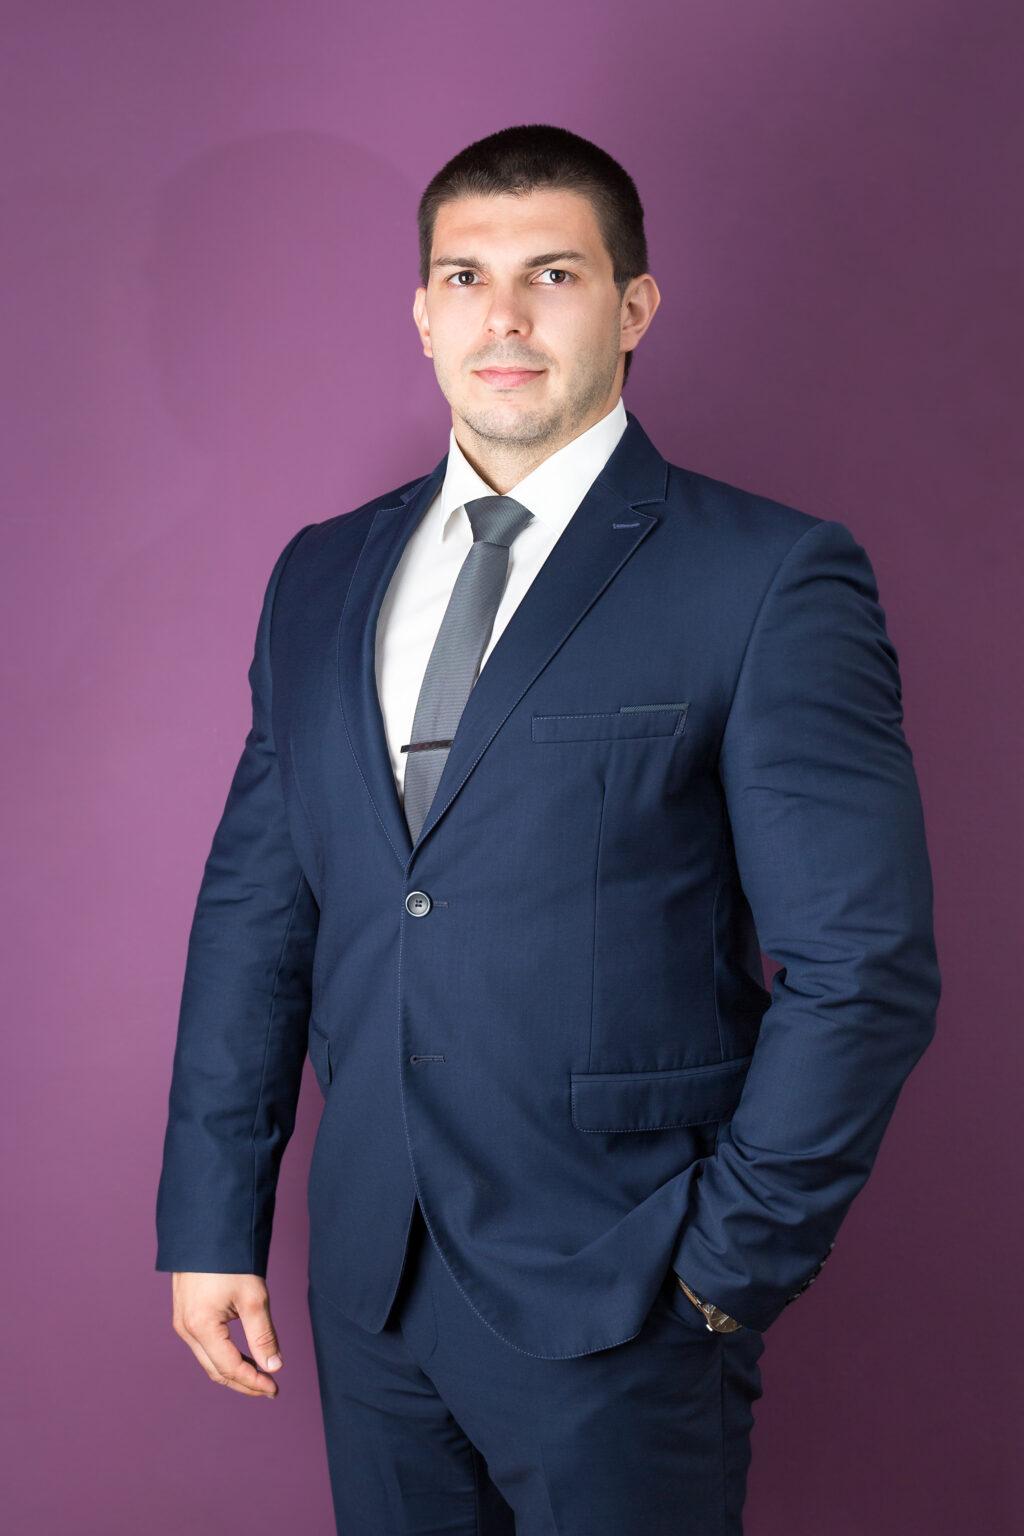 JUDr. Patrik Balko